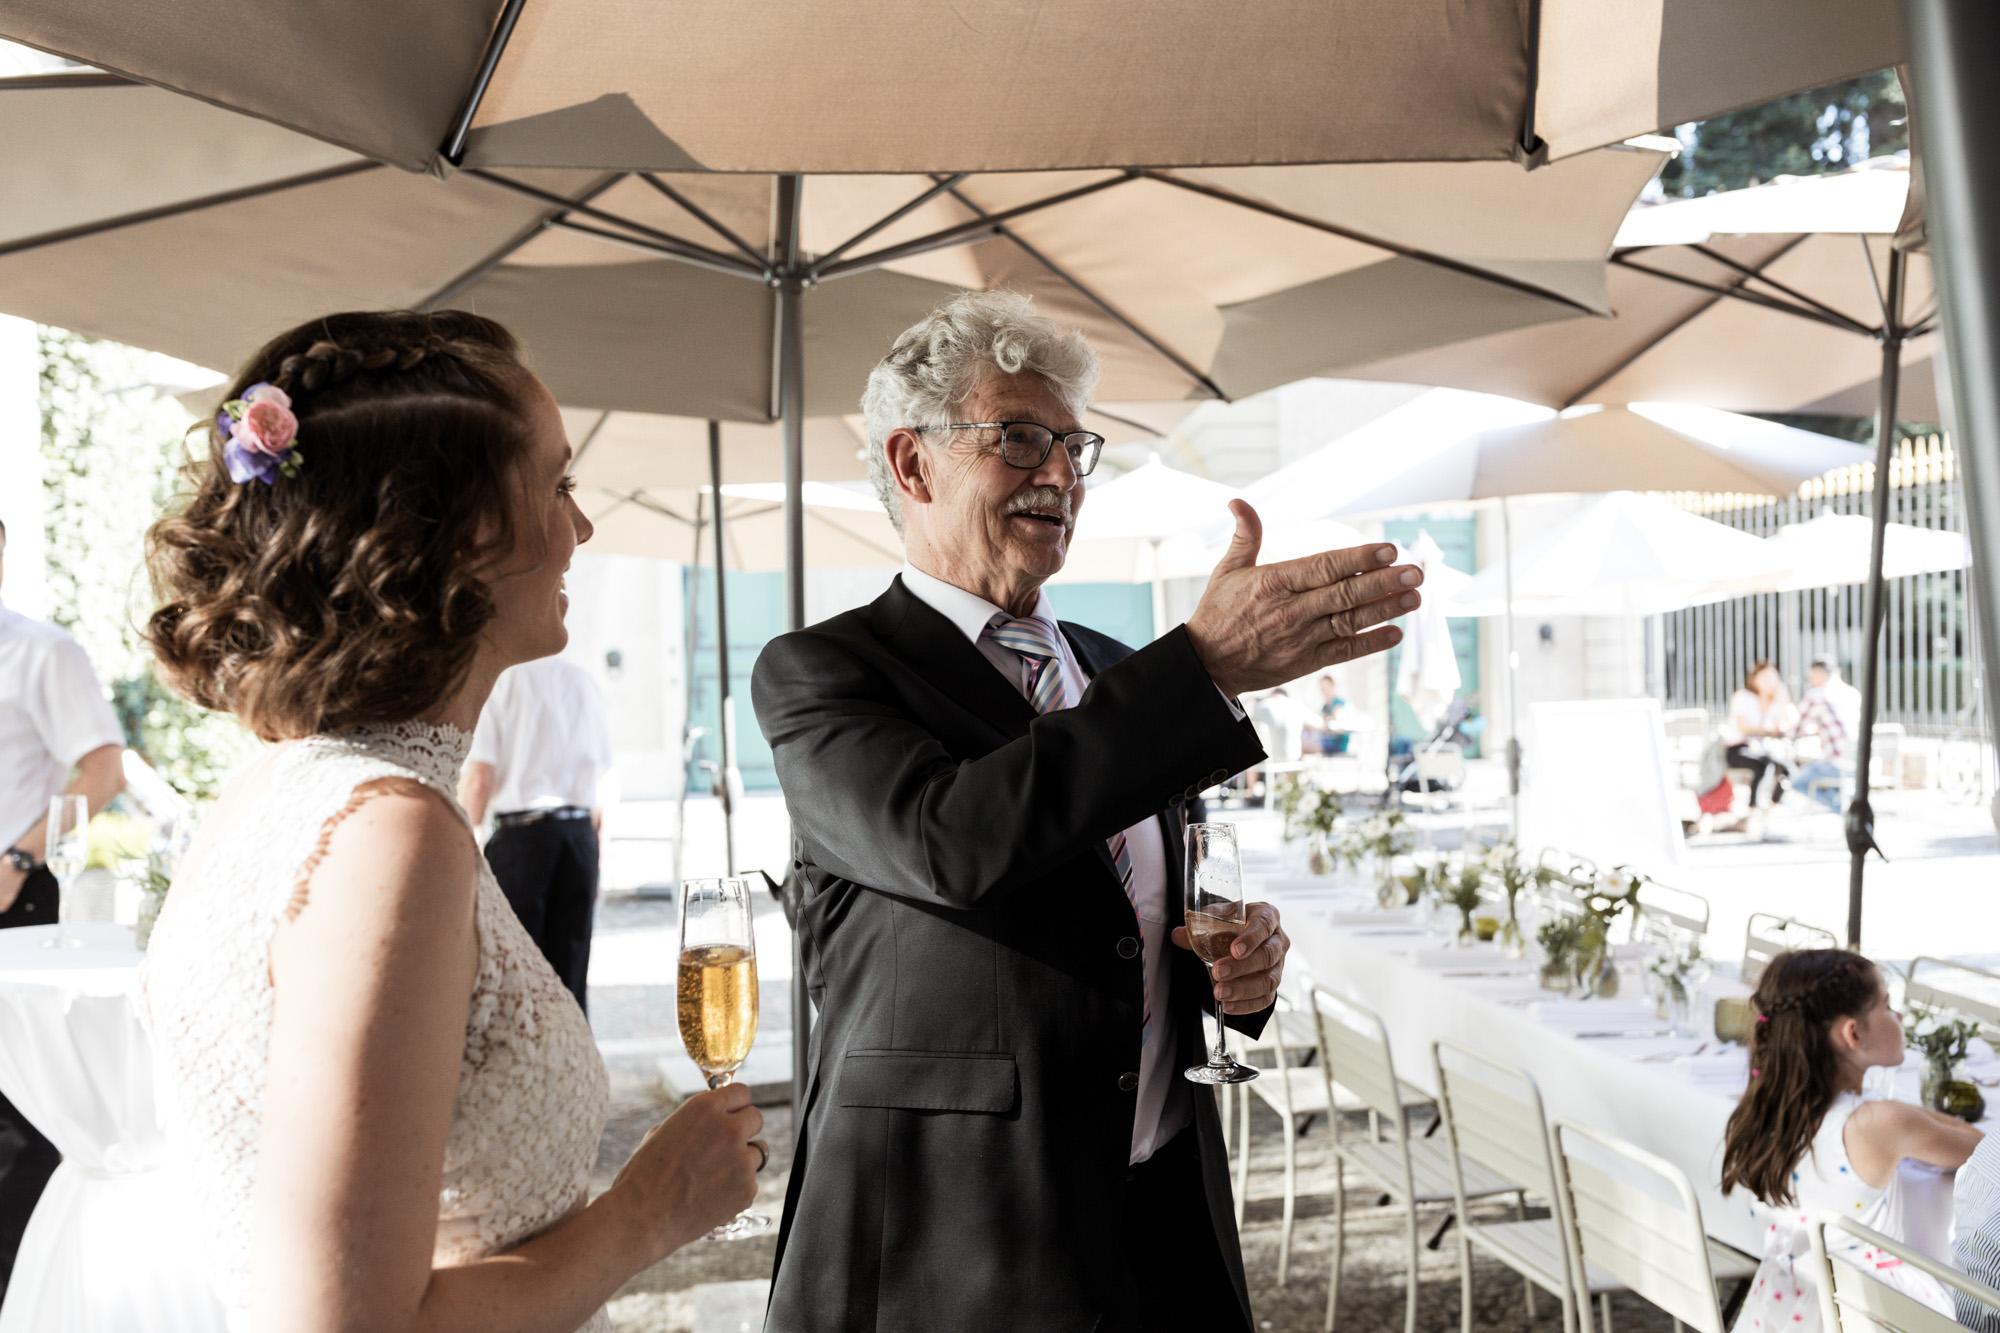 Ansprache vom Papa der Braut - Wenkenpark Hochzeitslocation - Hochzeitsfotografen Basel